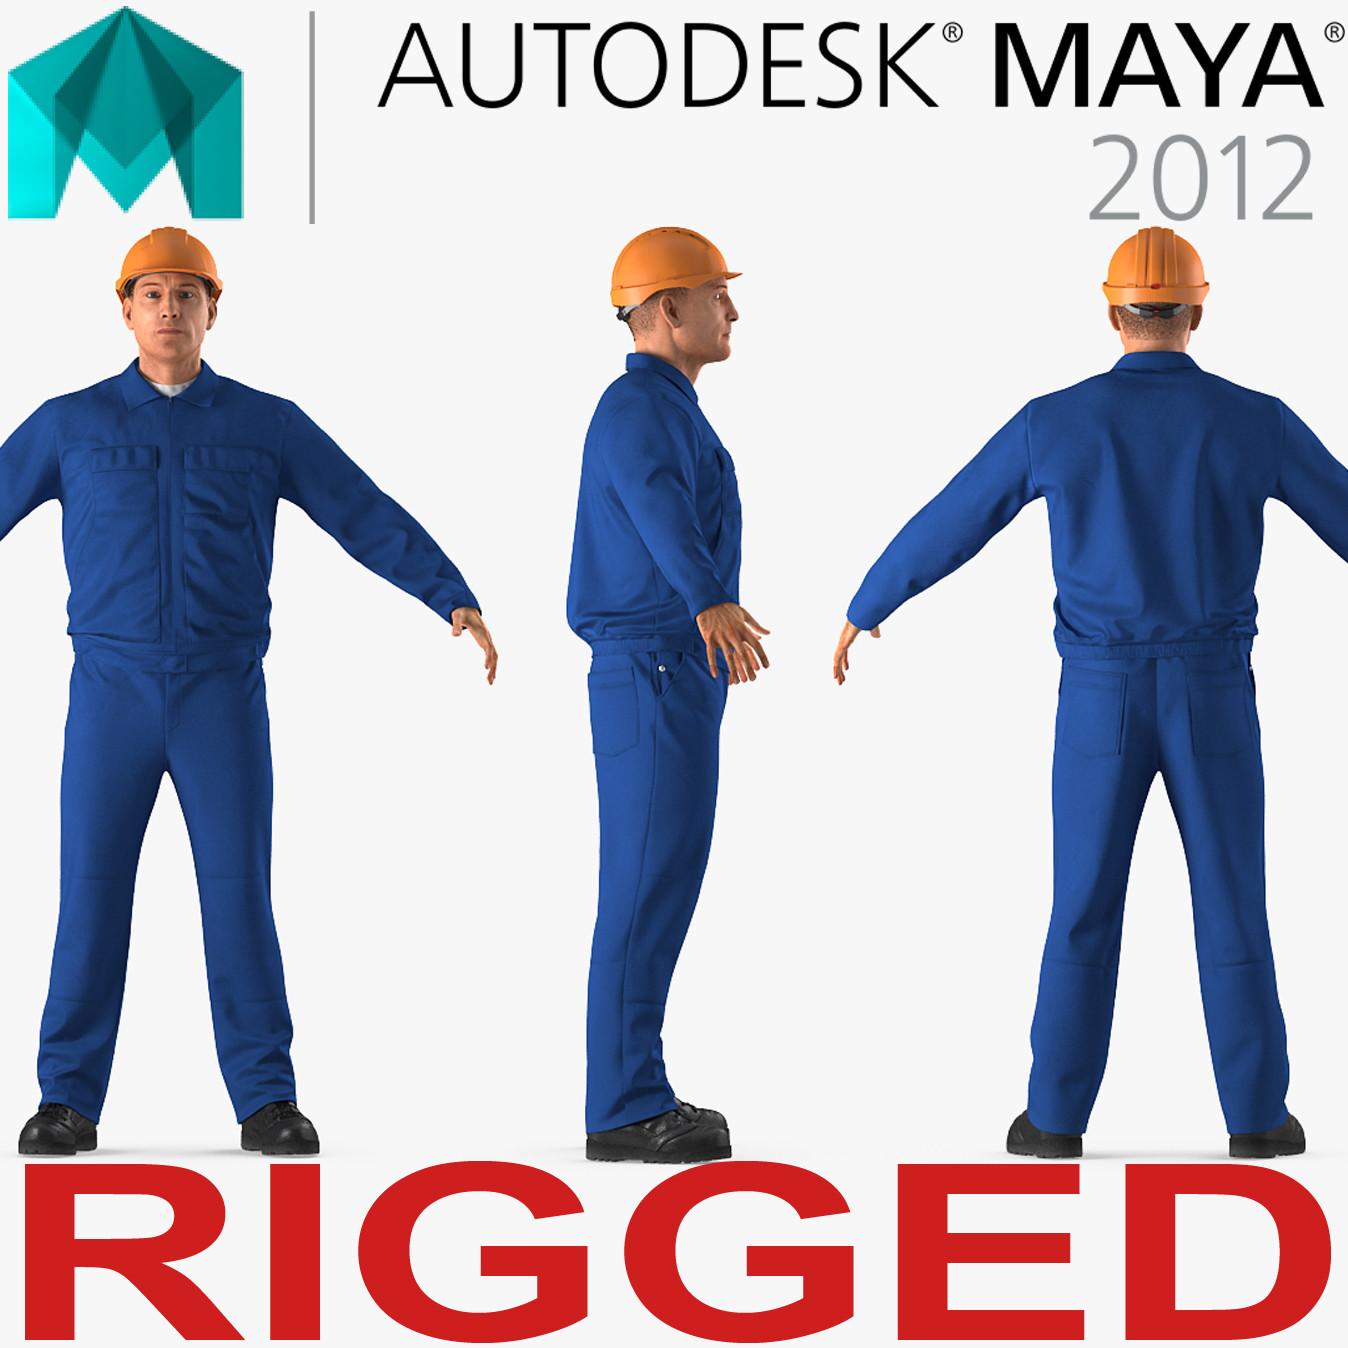 construction worker wearing blue 3D model